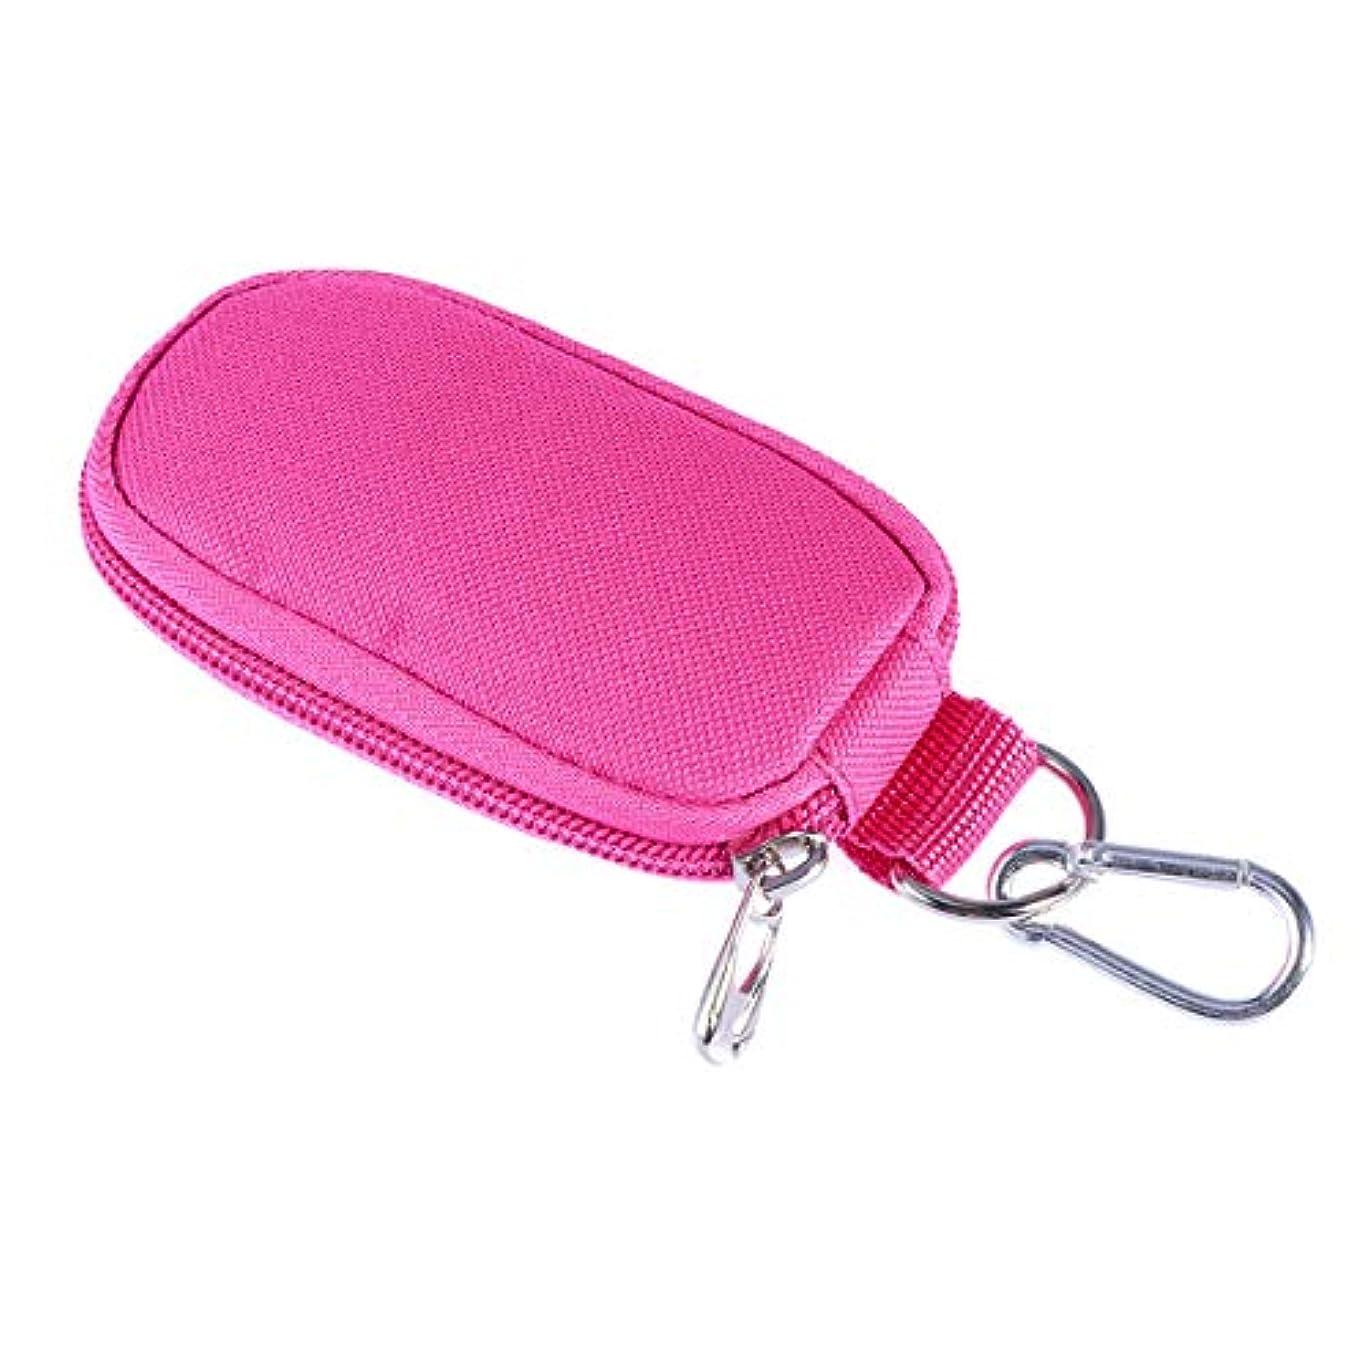 雄弁家ノベルティ苗HEALIFTY 携帯用エッセンシャルオイルキャリングケース2mlエッセンシャルオイルボトル(トラベル&ホーム用)丈夫なジッパーは持ちます(ローズレッド)